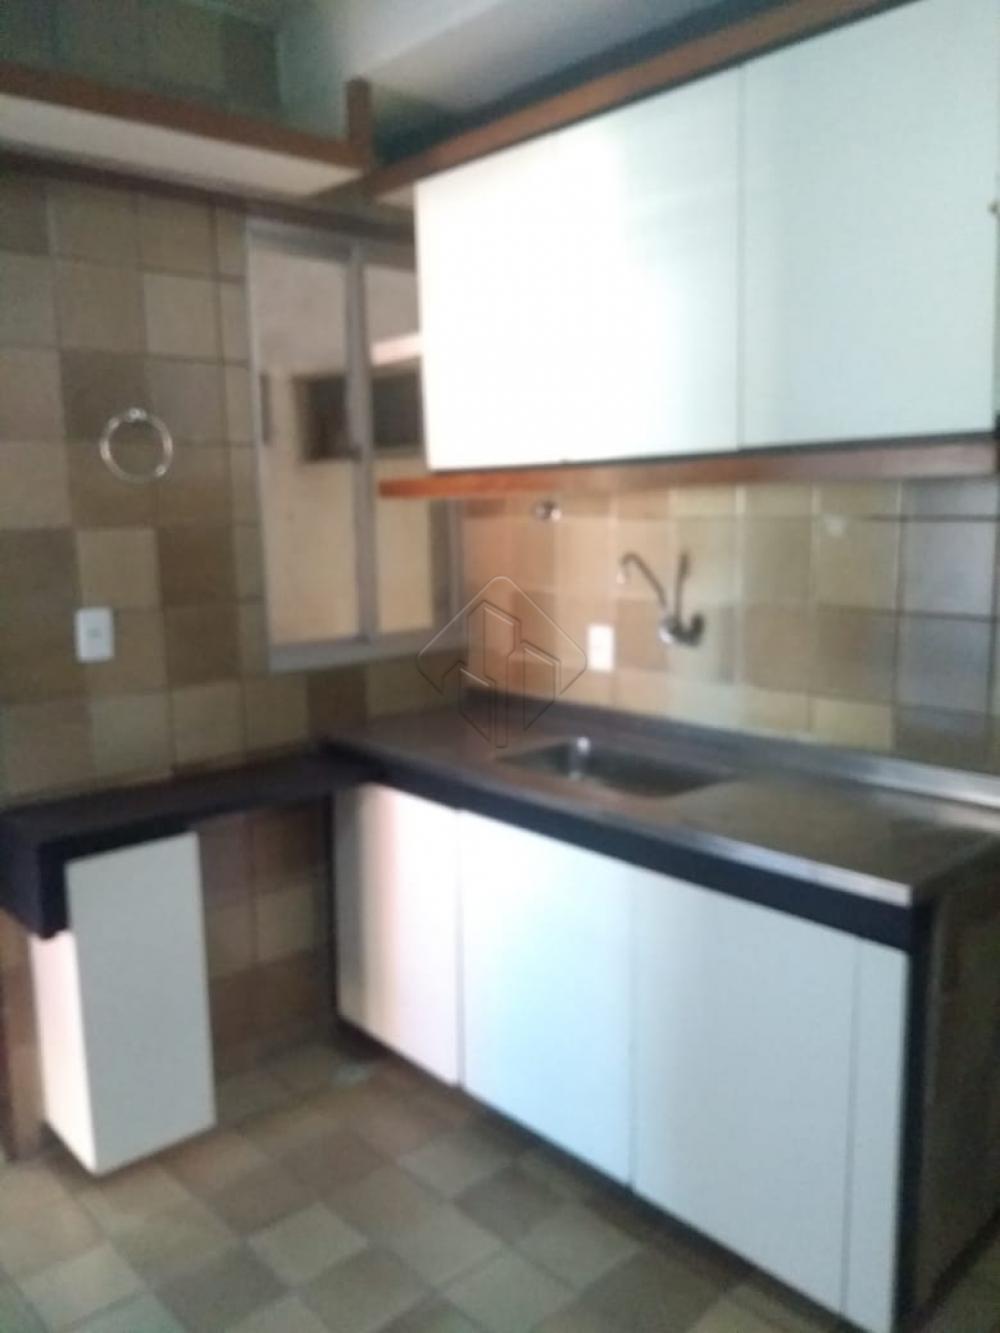 Comprar Apartamento / Padrão em João Pessoa apenas R$ 300.000,00 - Foto 91